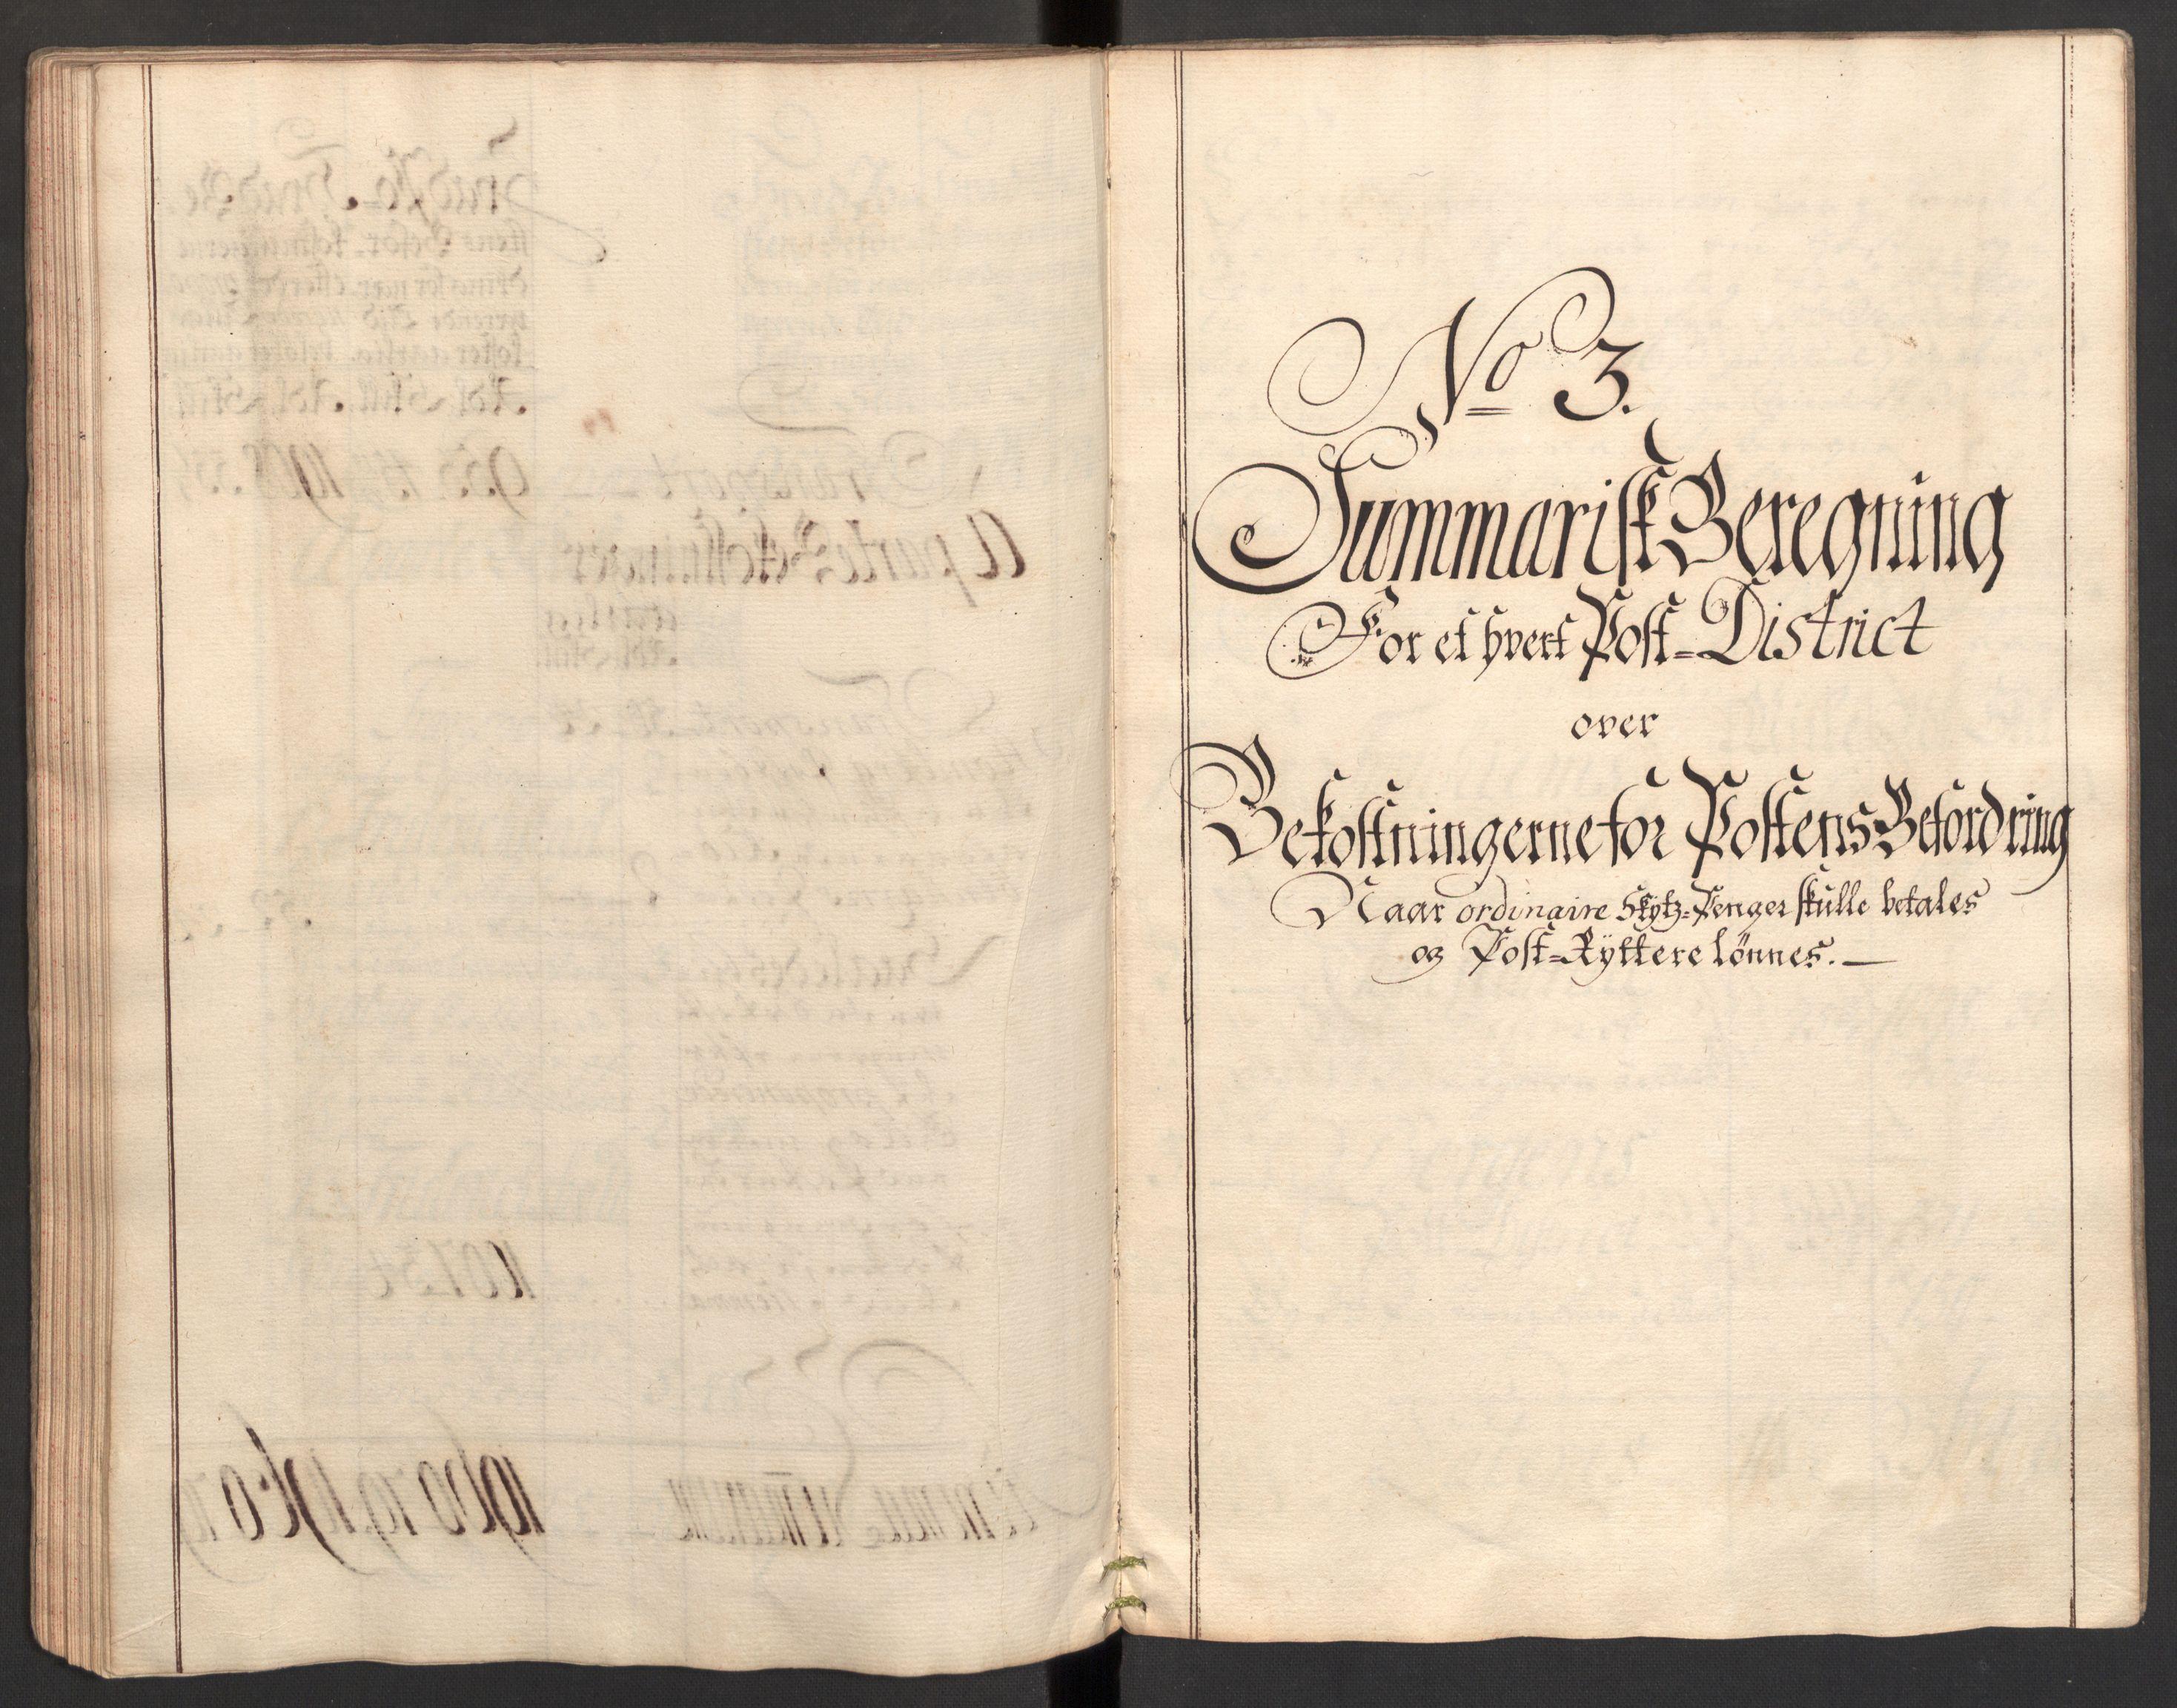 RA, Generalpostdireksjonen 1719-1814, E/L0025: Fortegnelse og forklaringer om postturene i Norge, 1752-1754, s. 47